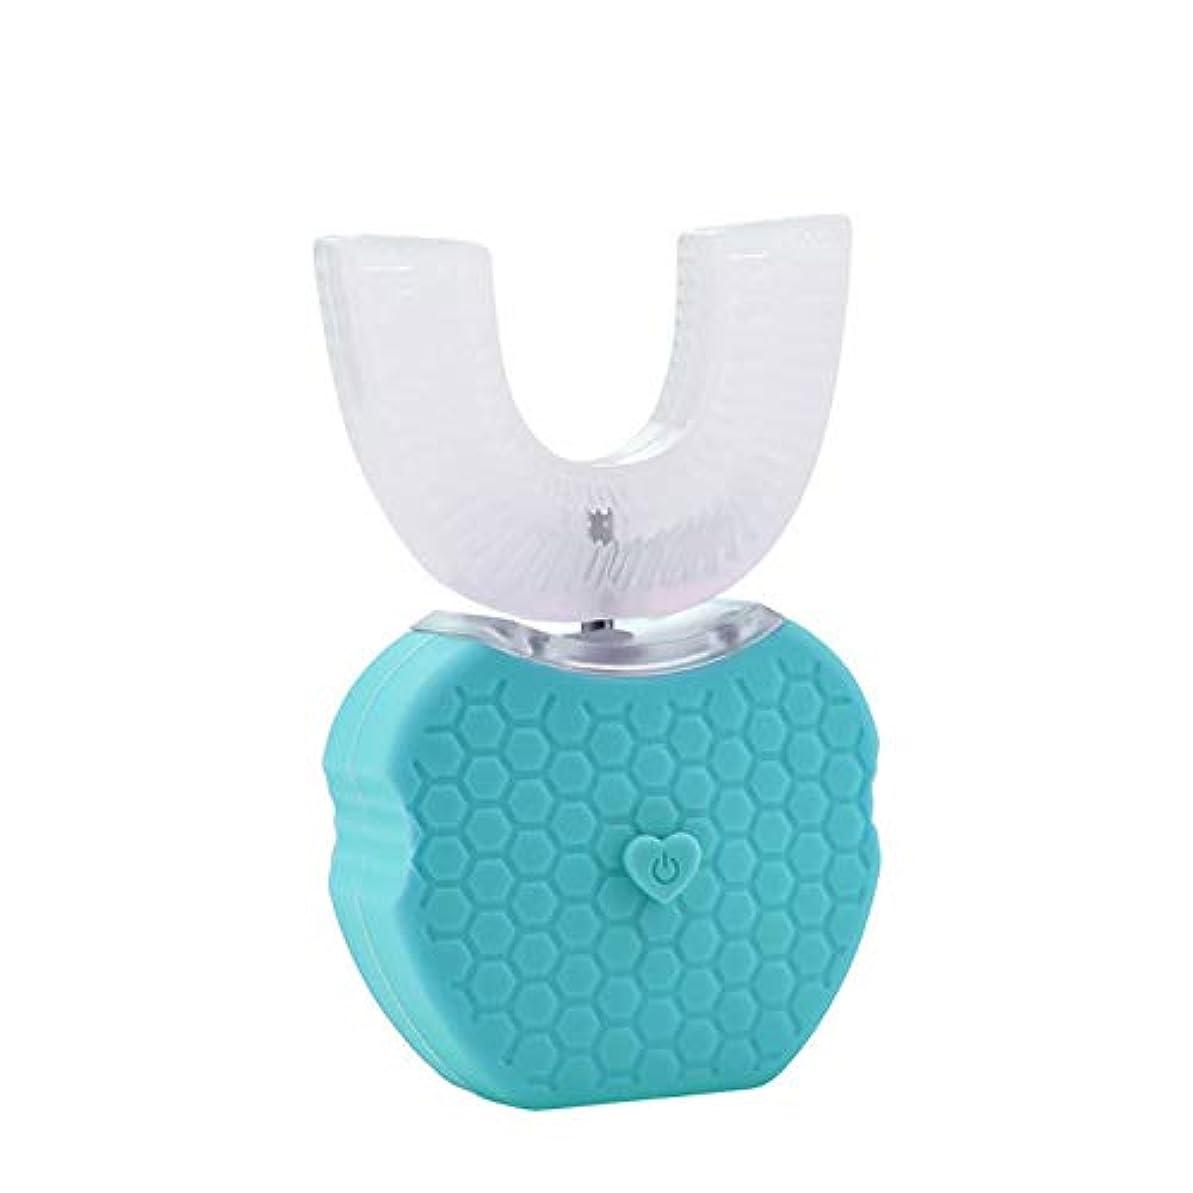 涙予知系譜フルオートマチック可変周波数電動歯ブラシ、自動360度U字型電動歯ブラシ、ワイヤレス充電IPX7防水自動歯ブラシ(大人用),Blue